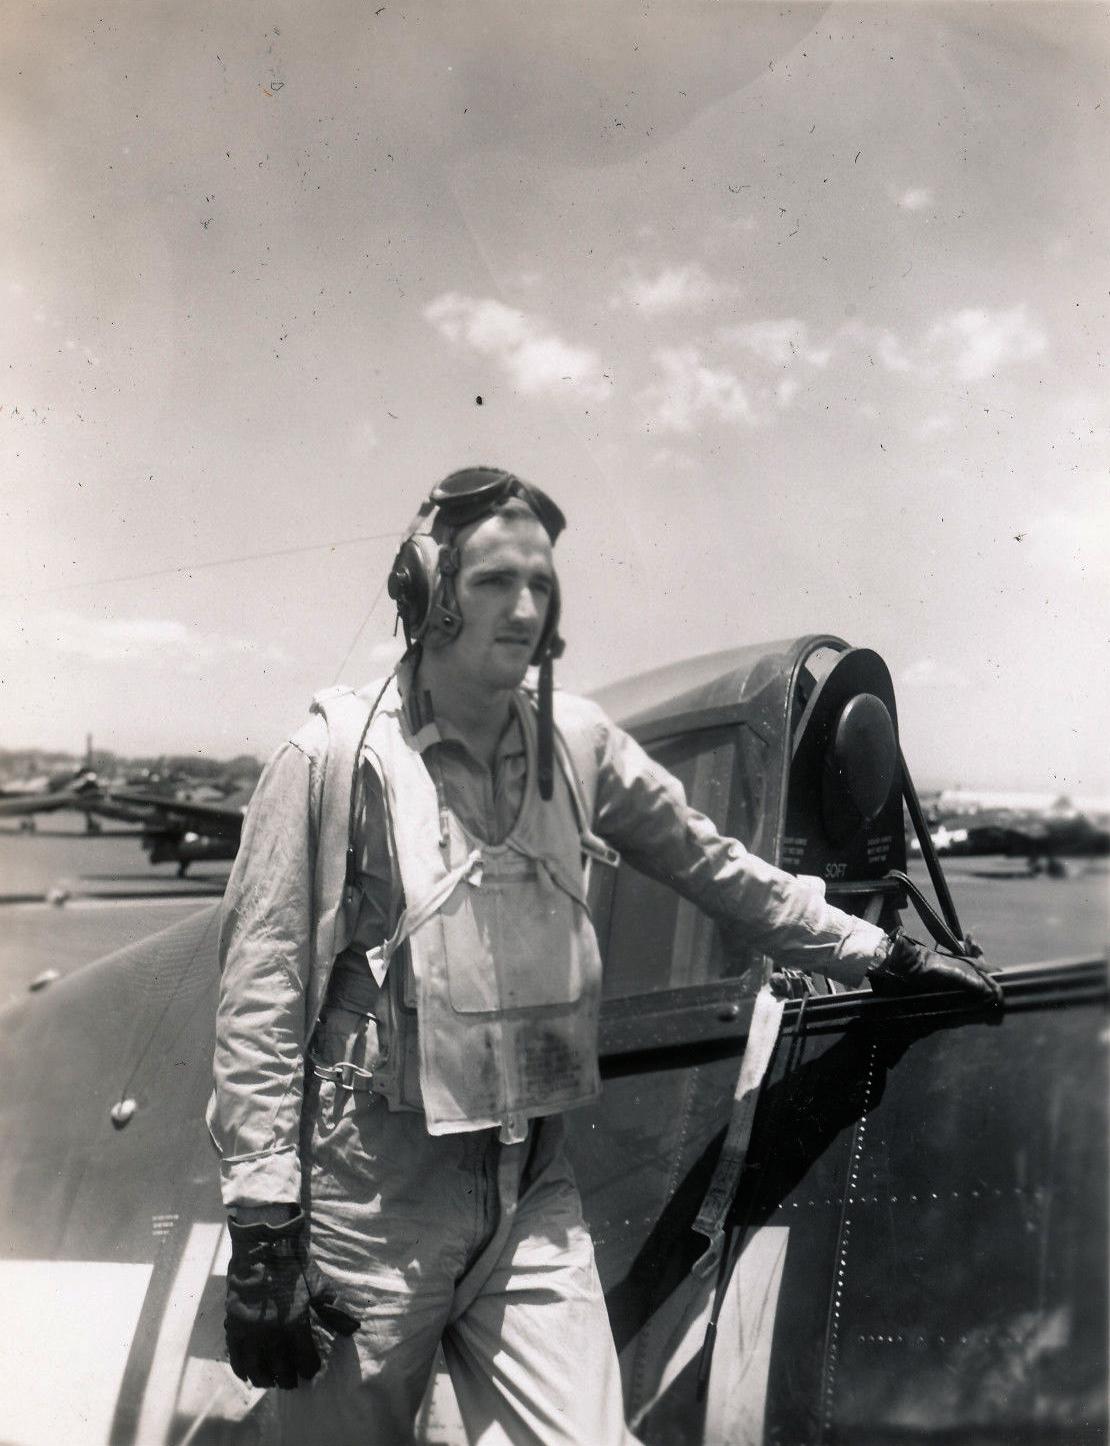 Aircrew USN VBF 8 Ens Clarke NAS Puunene 1945 01